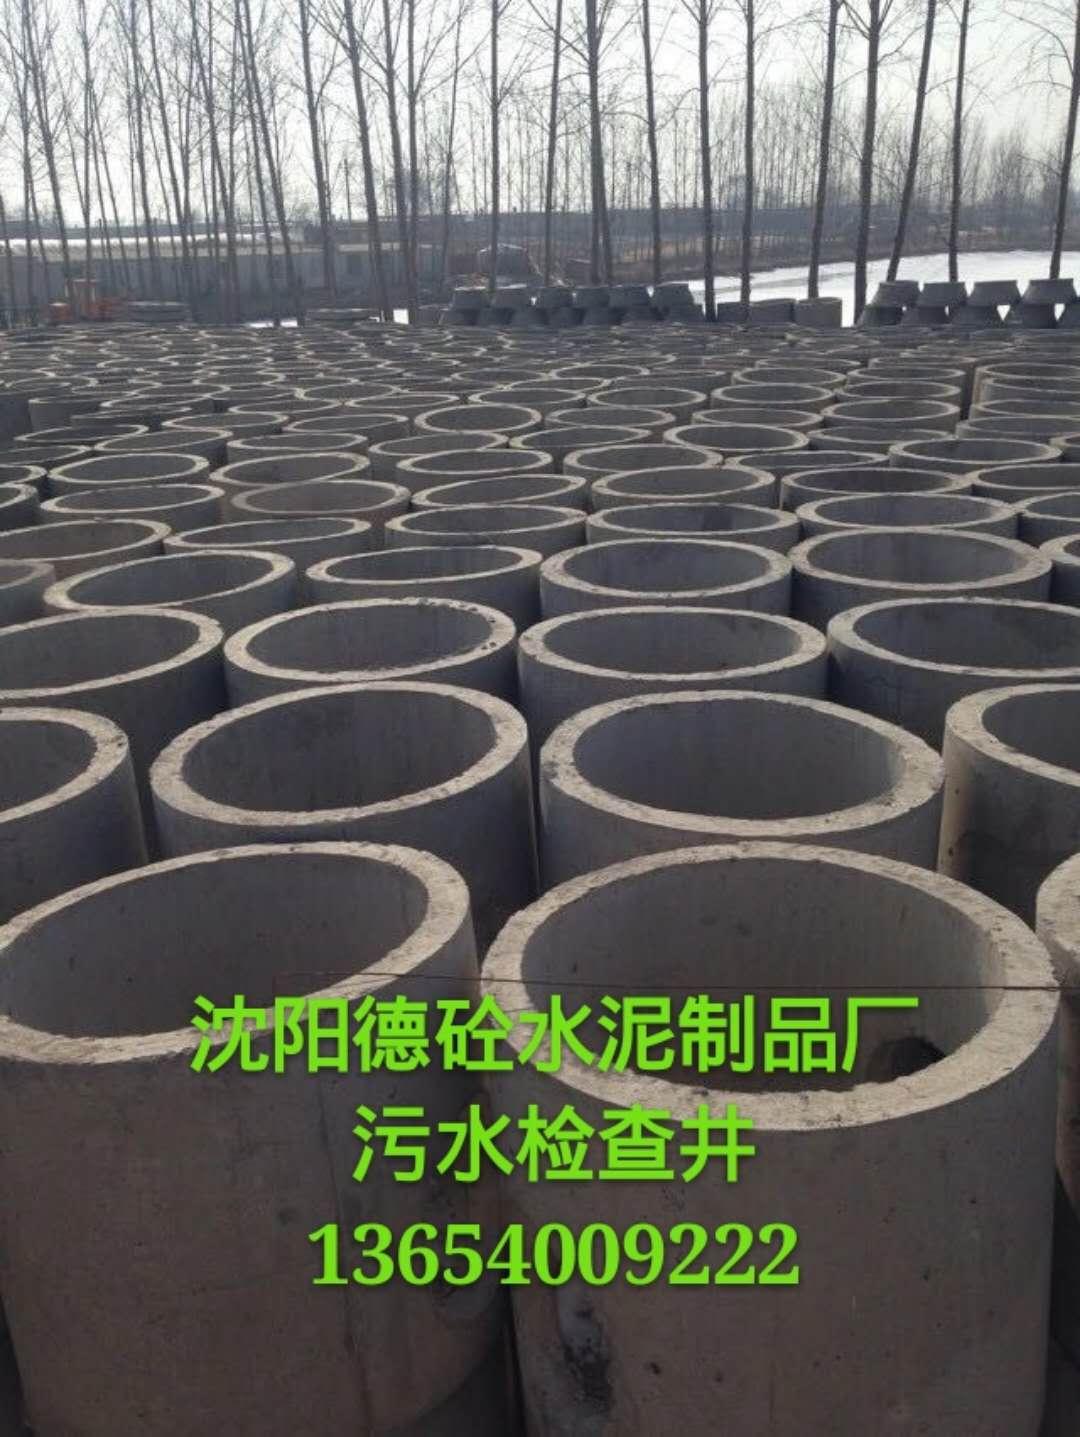 河北省检查井,化粪池经销商,13654009222